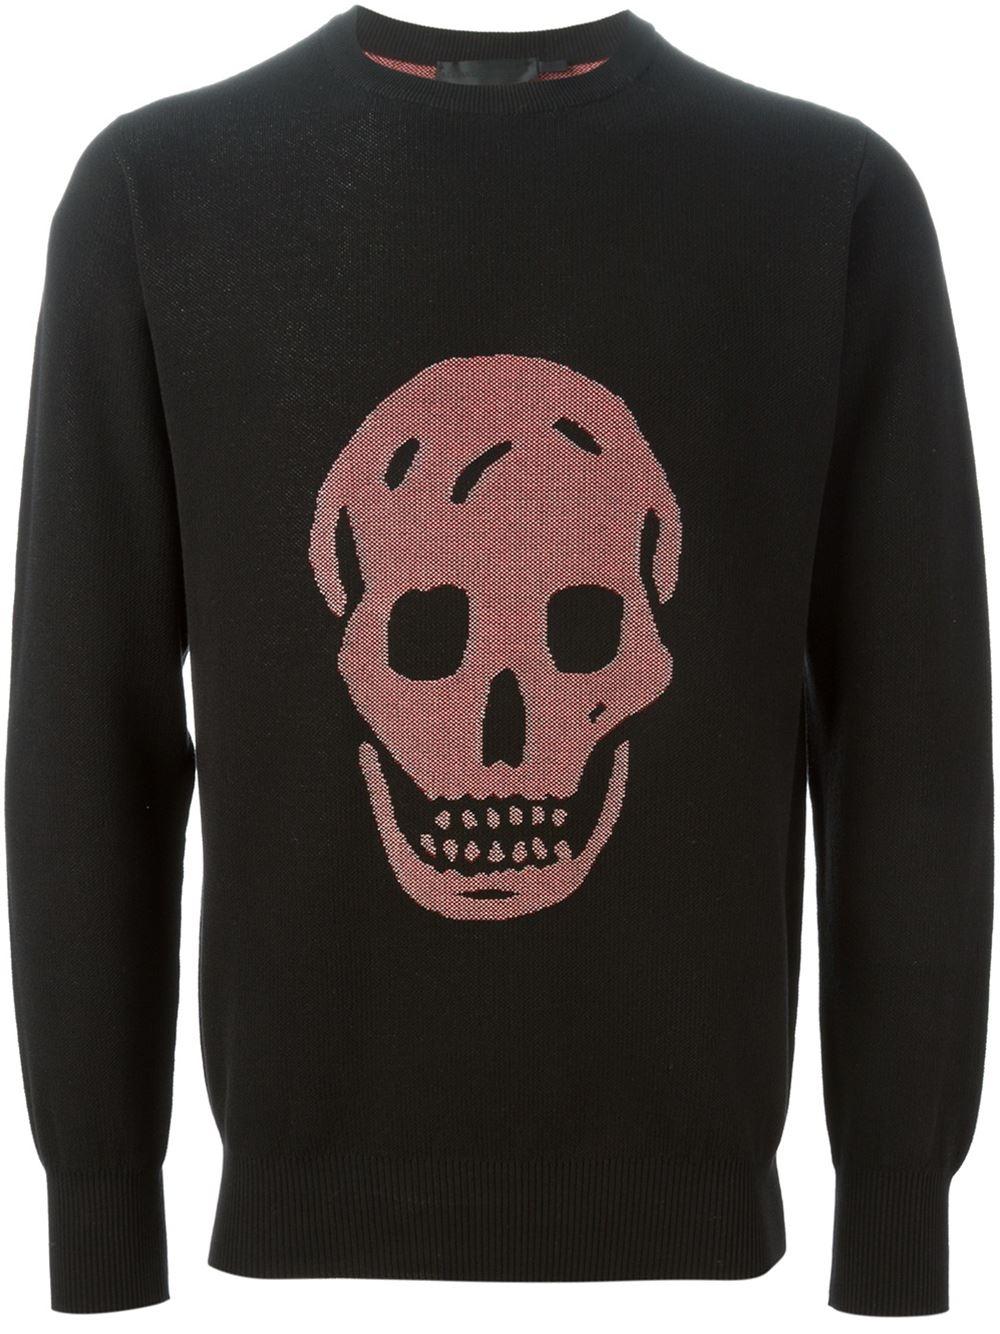 Alexander Mcqueen Mens Sweater